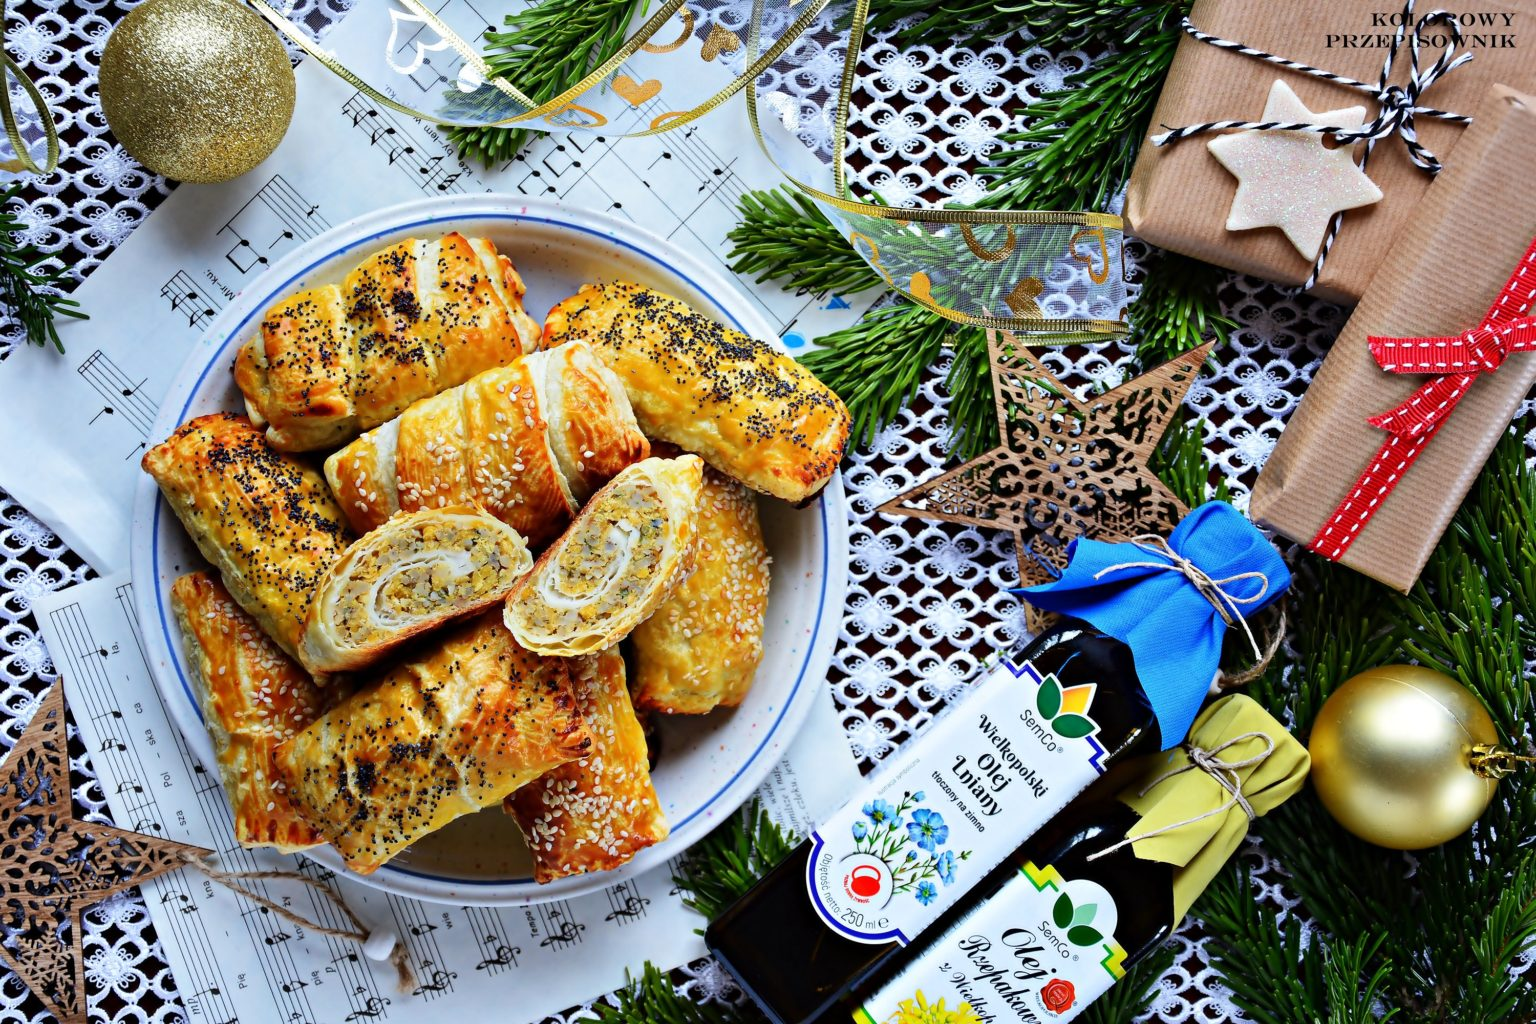 Krokieciki francuskie zsoczewicą ikaszą jęczmienną, wigilijna potrawa dla dzieci, wigilia, Boże Narodzenie, krokiety